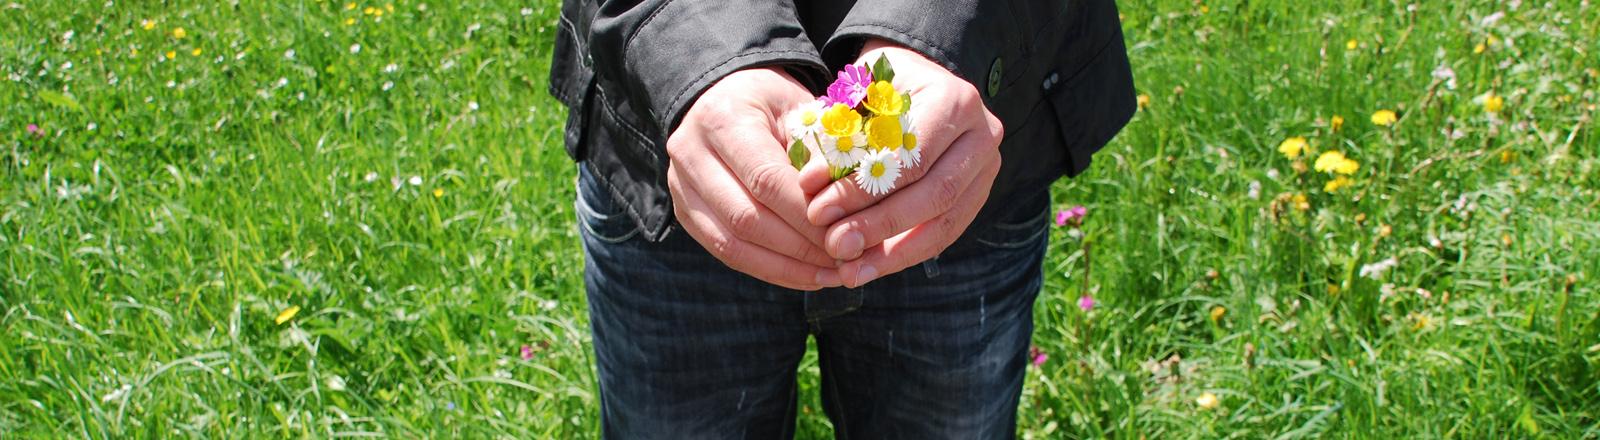 Ein Mann mit einem Blumenstrauß